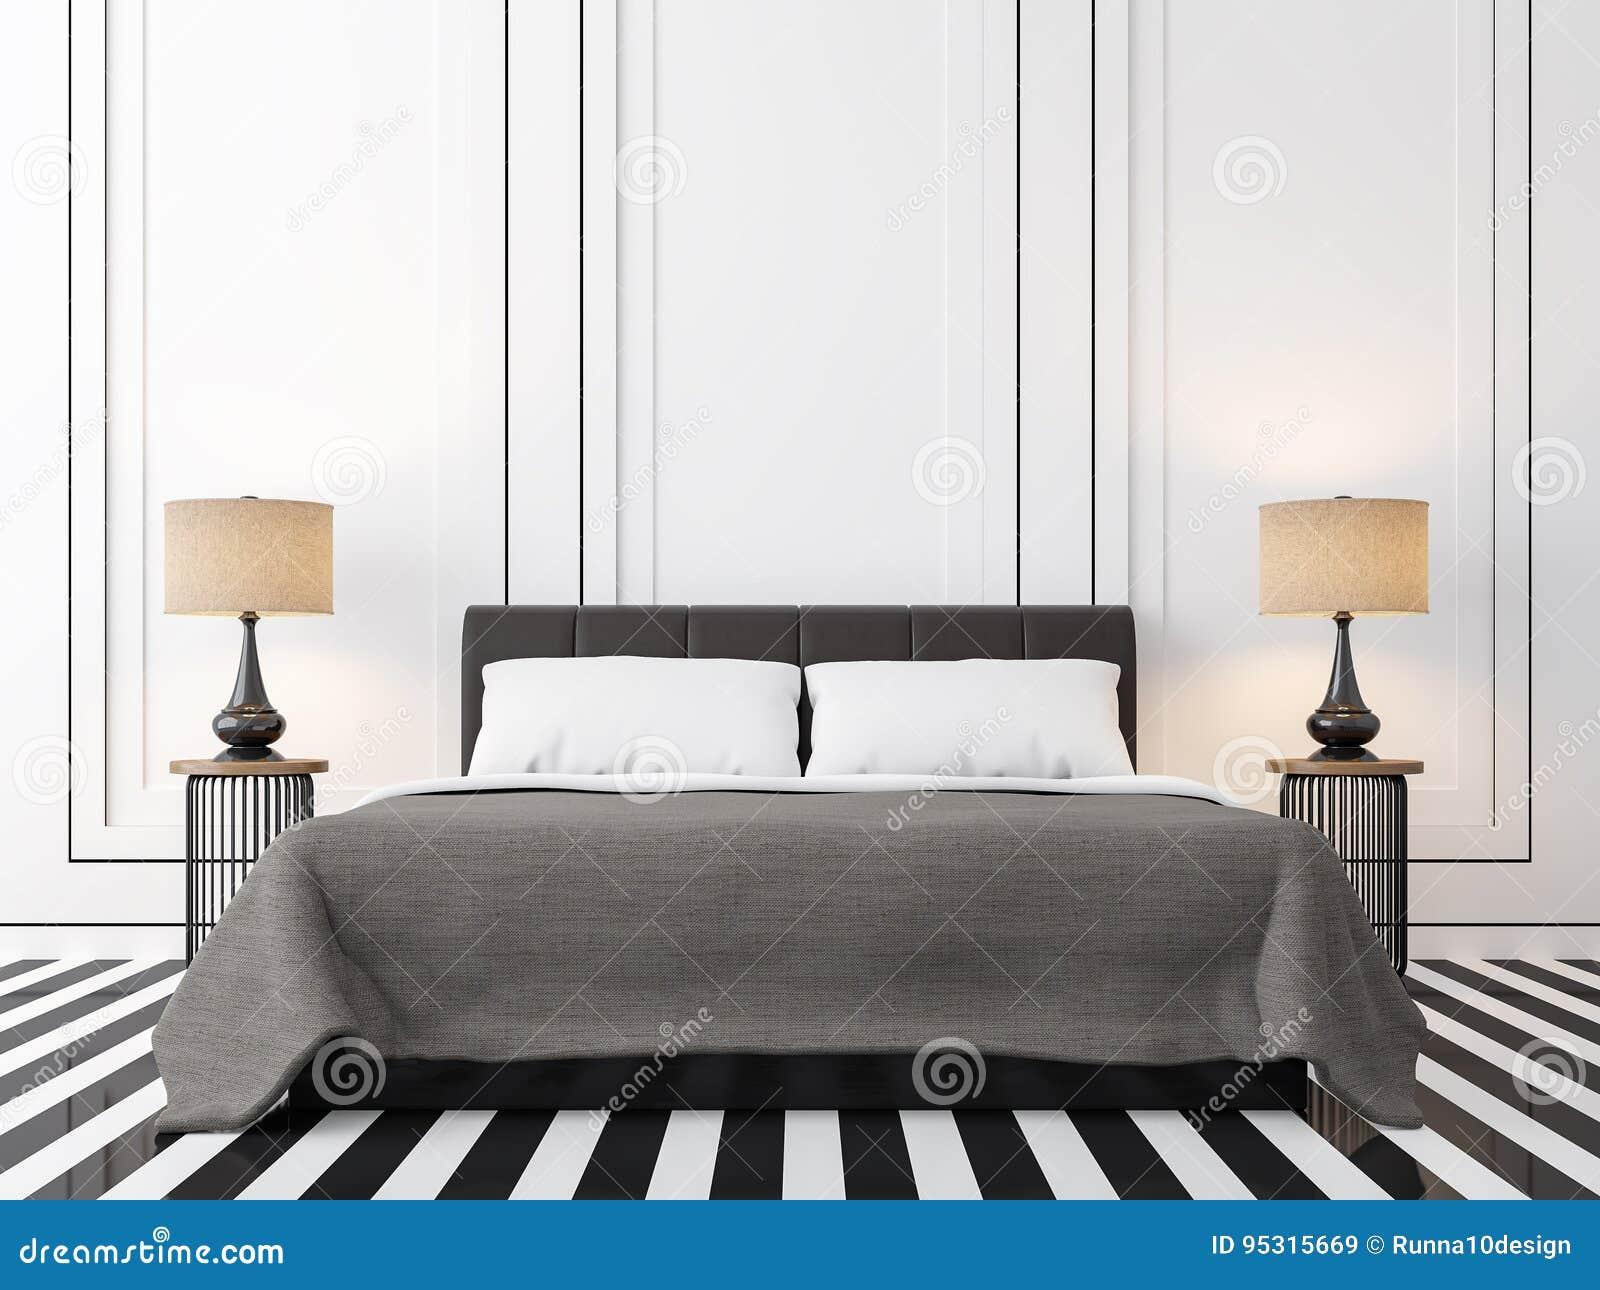 Slaapkamer Bruin Wit : Moderne uitstekende slaapkamer met zwart wit d teruggevend beeld